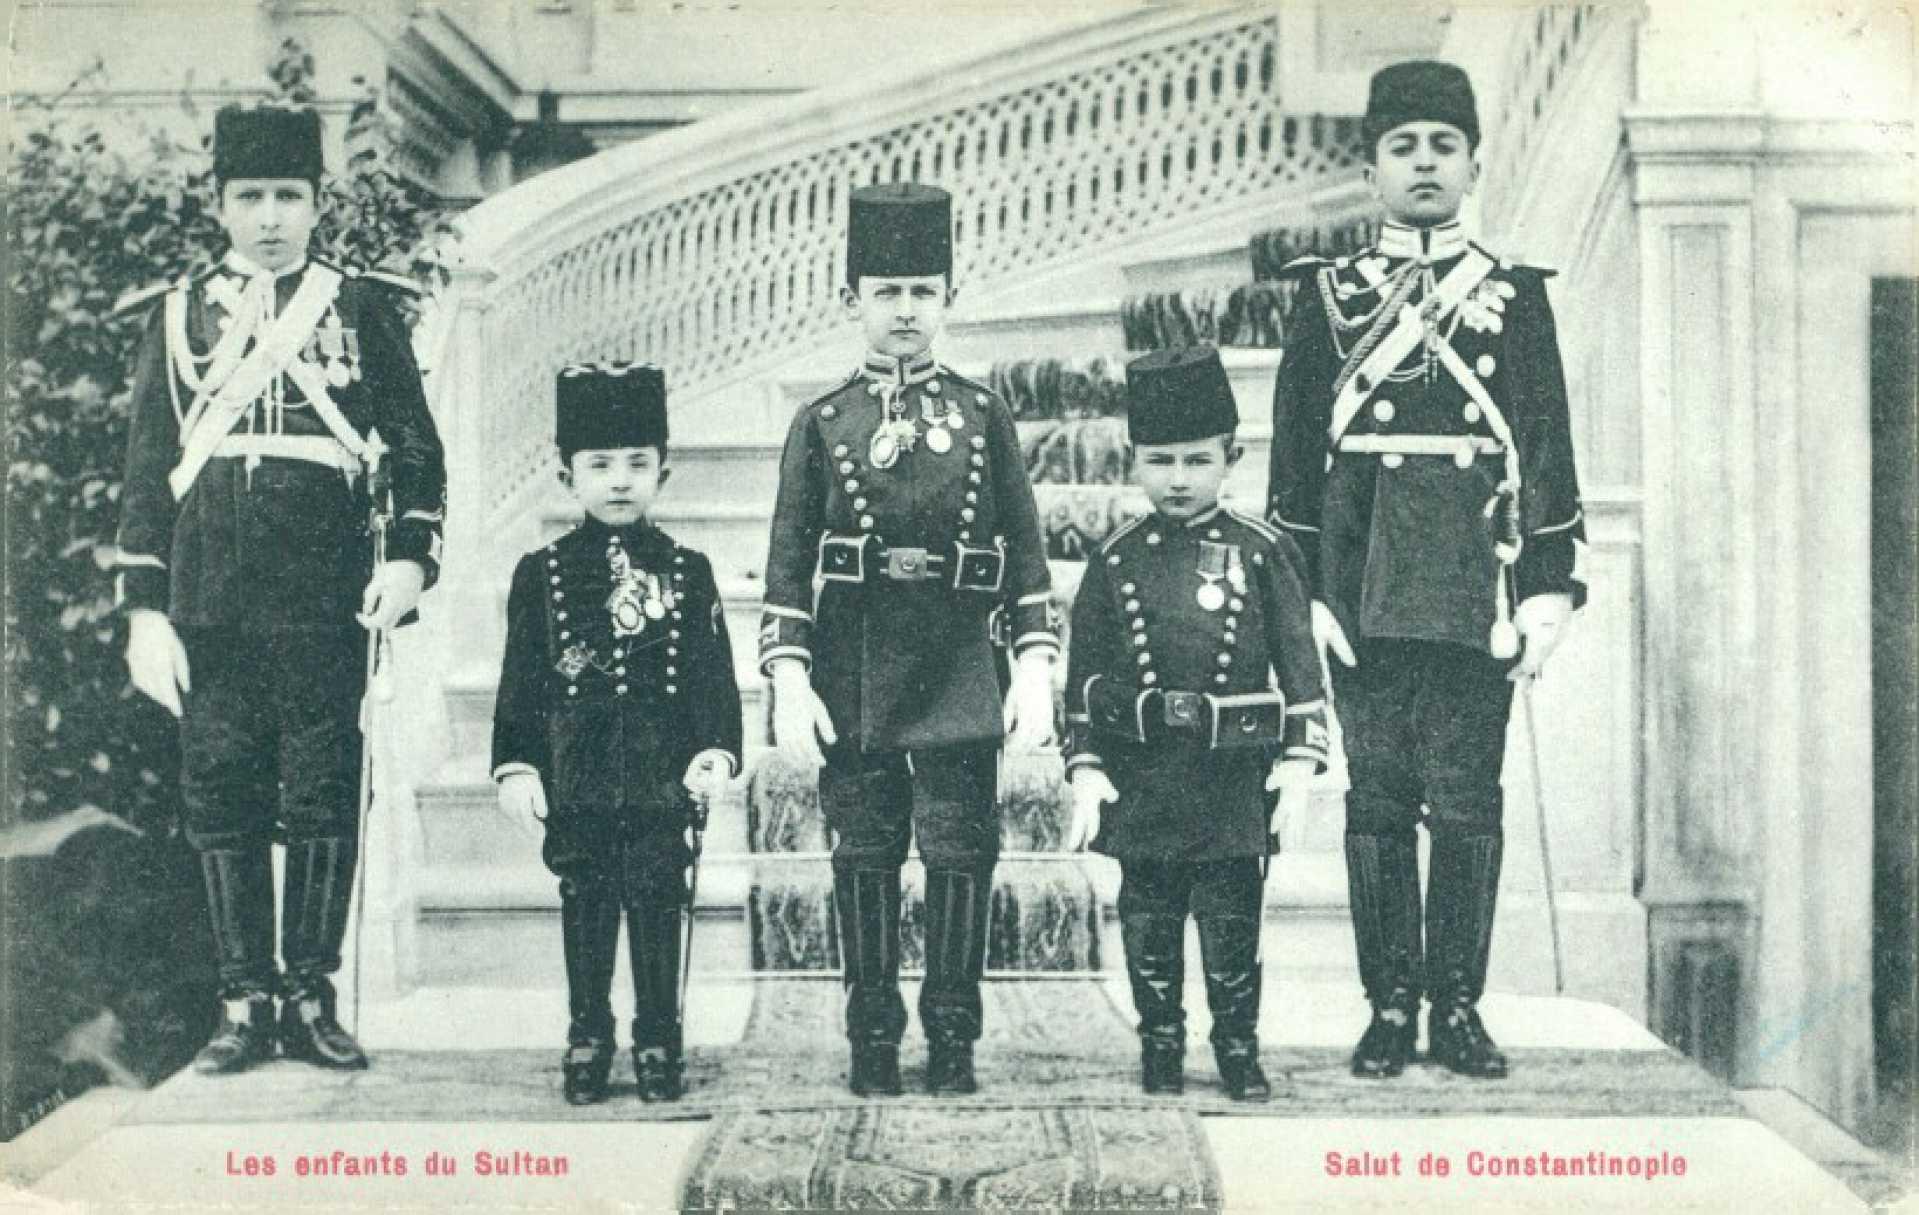 Les enfants du Sultan